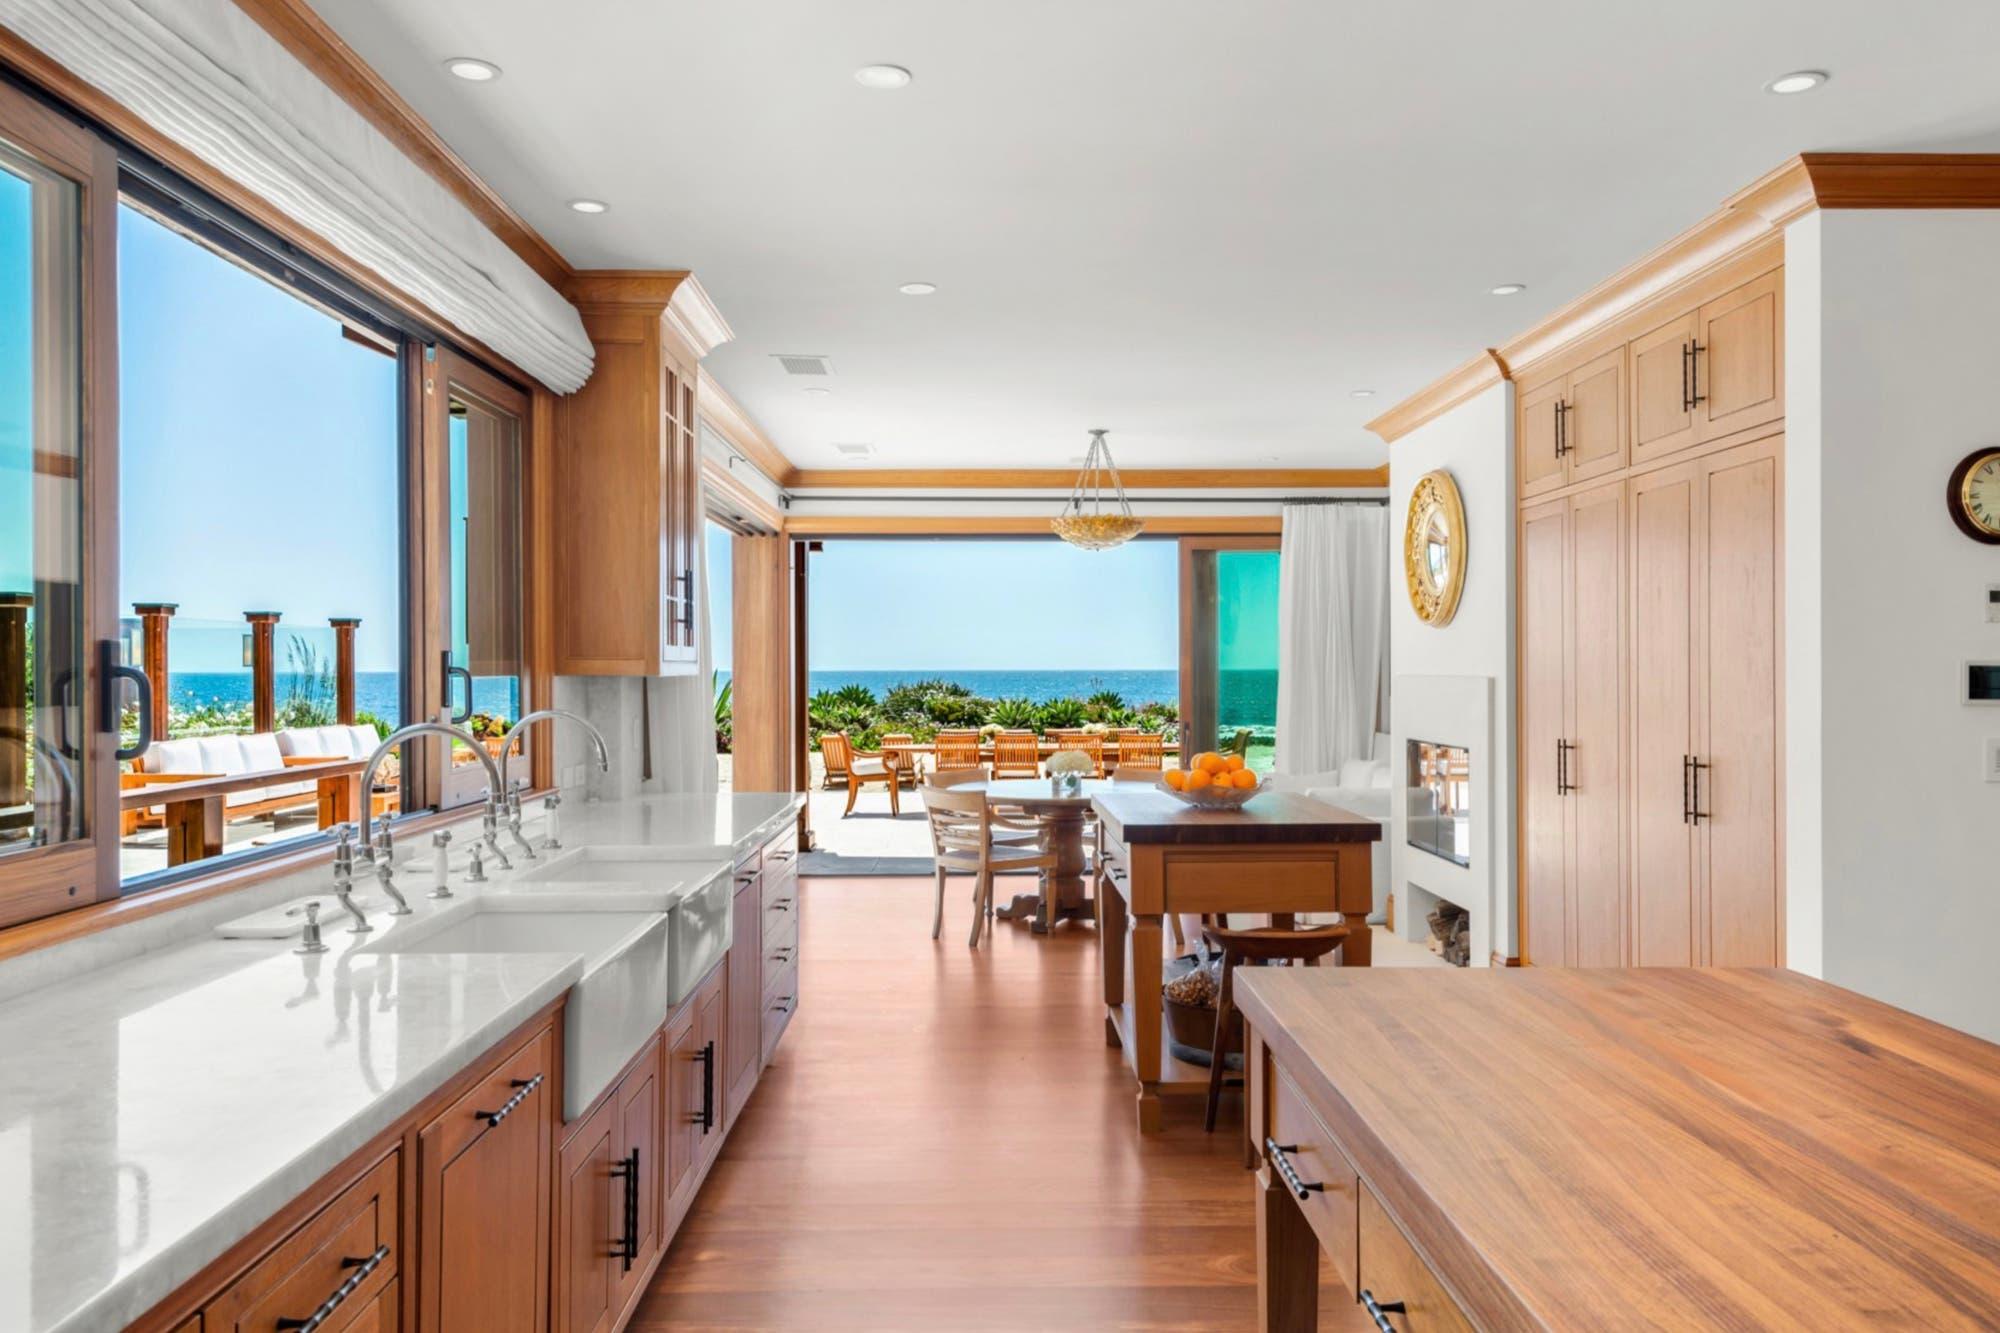 Pierce Brosnan vende su casa de Malibú inspirada en James Bond a 100 millones de dólares